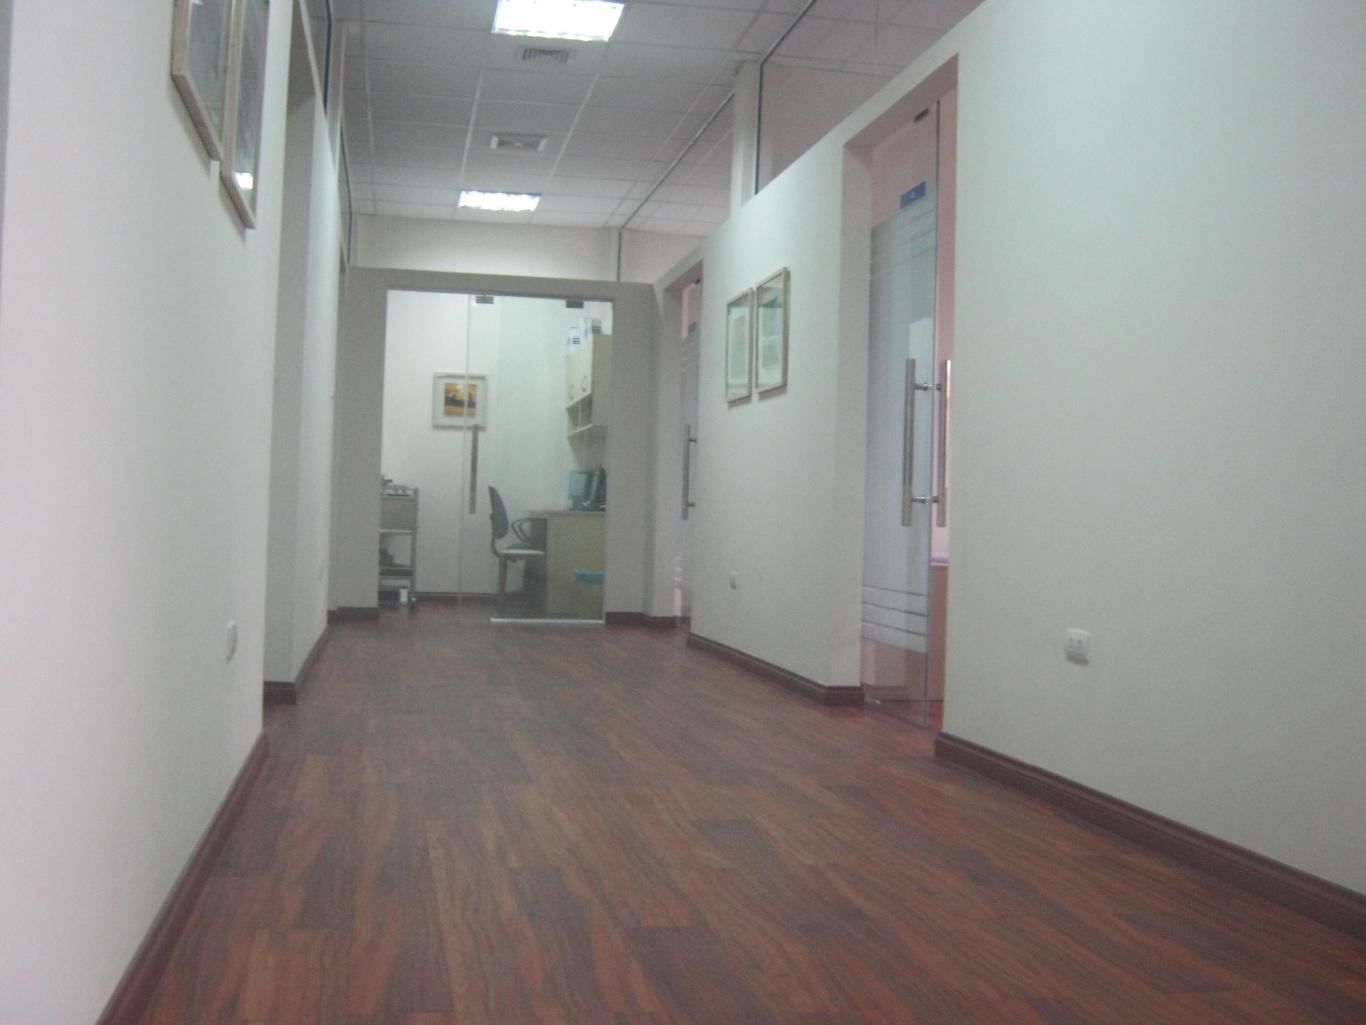 phòng khám bênh viện new life